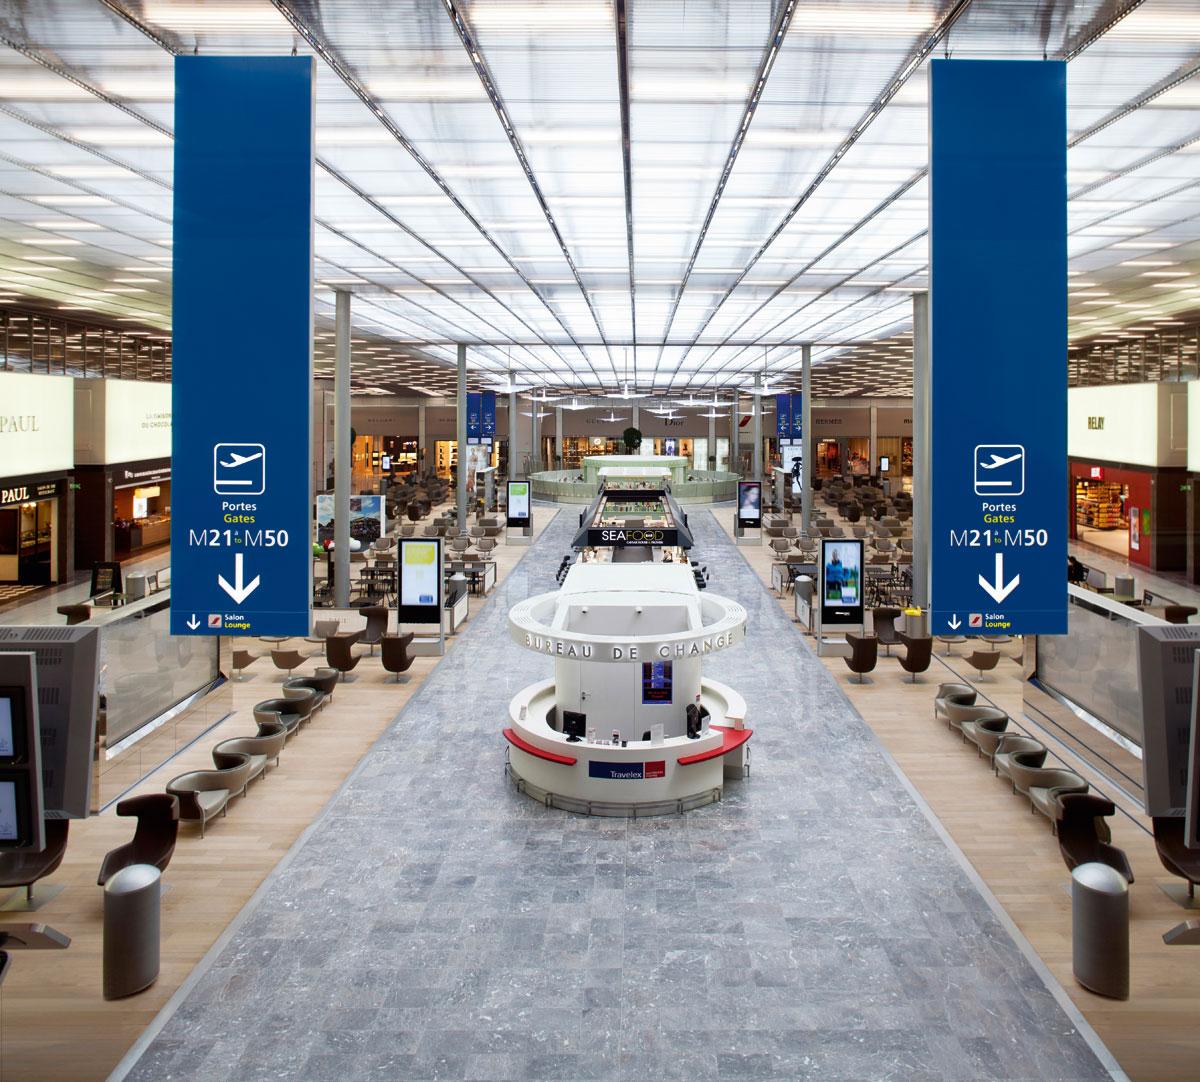 戴高樂機場將巴黎最為人熱愛的美食、時裝、法式生活文化以及藝術,以不同形式,精心呈現。